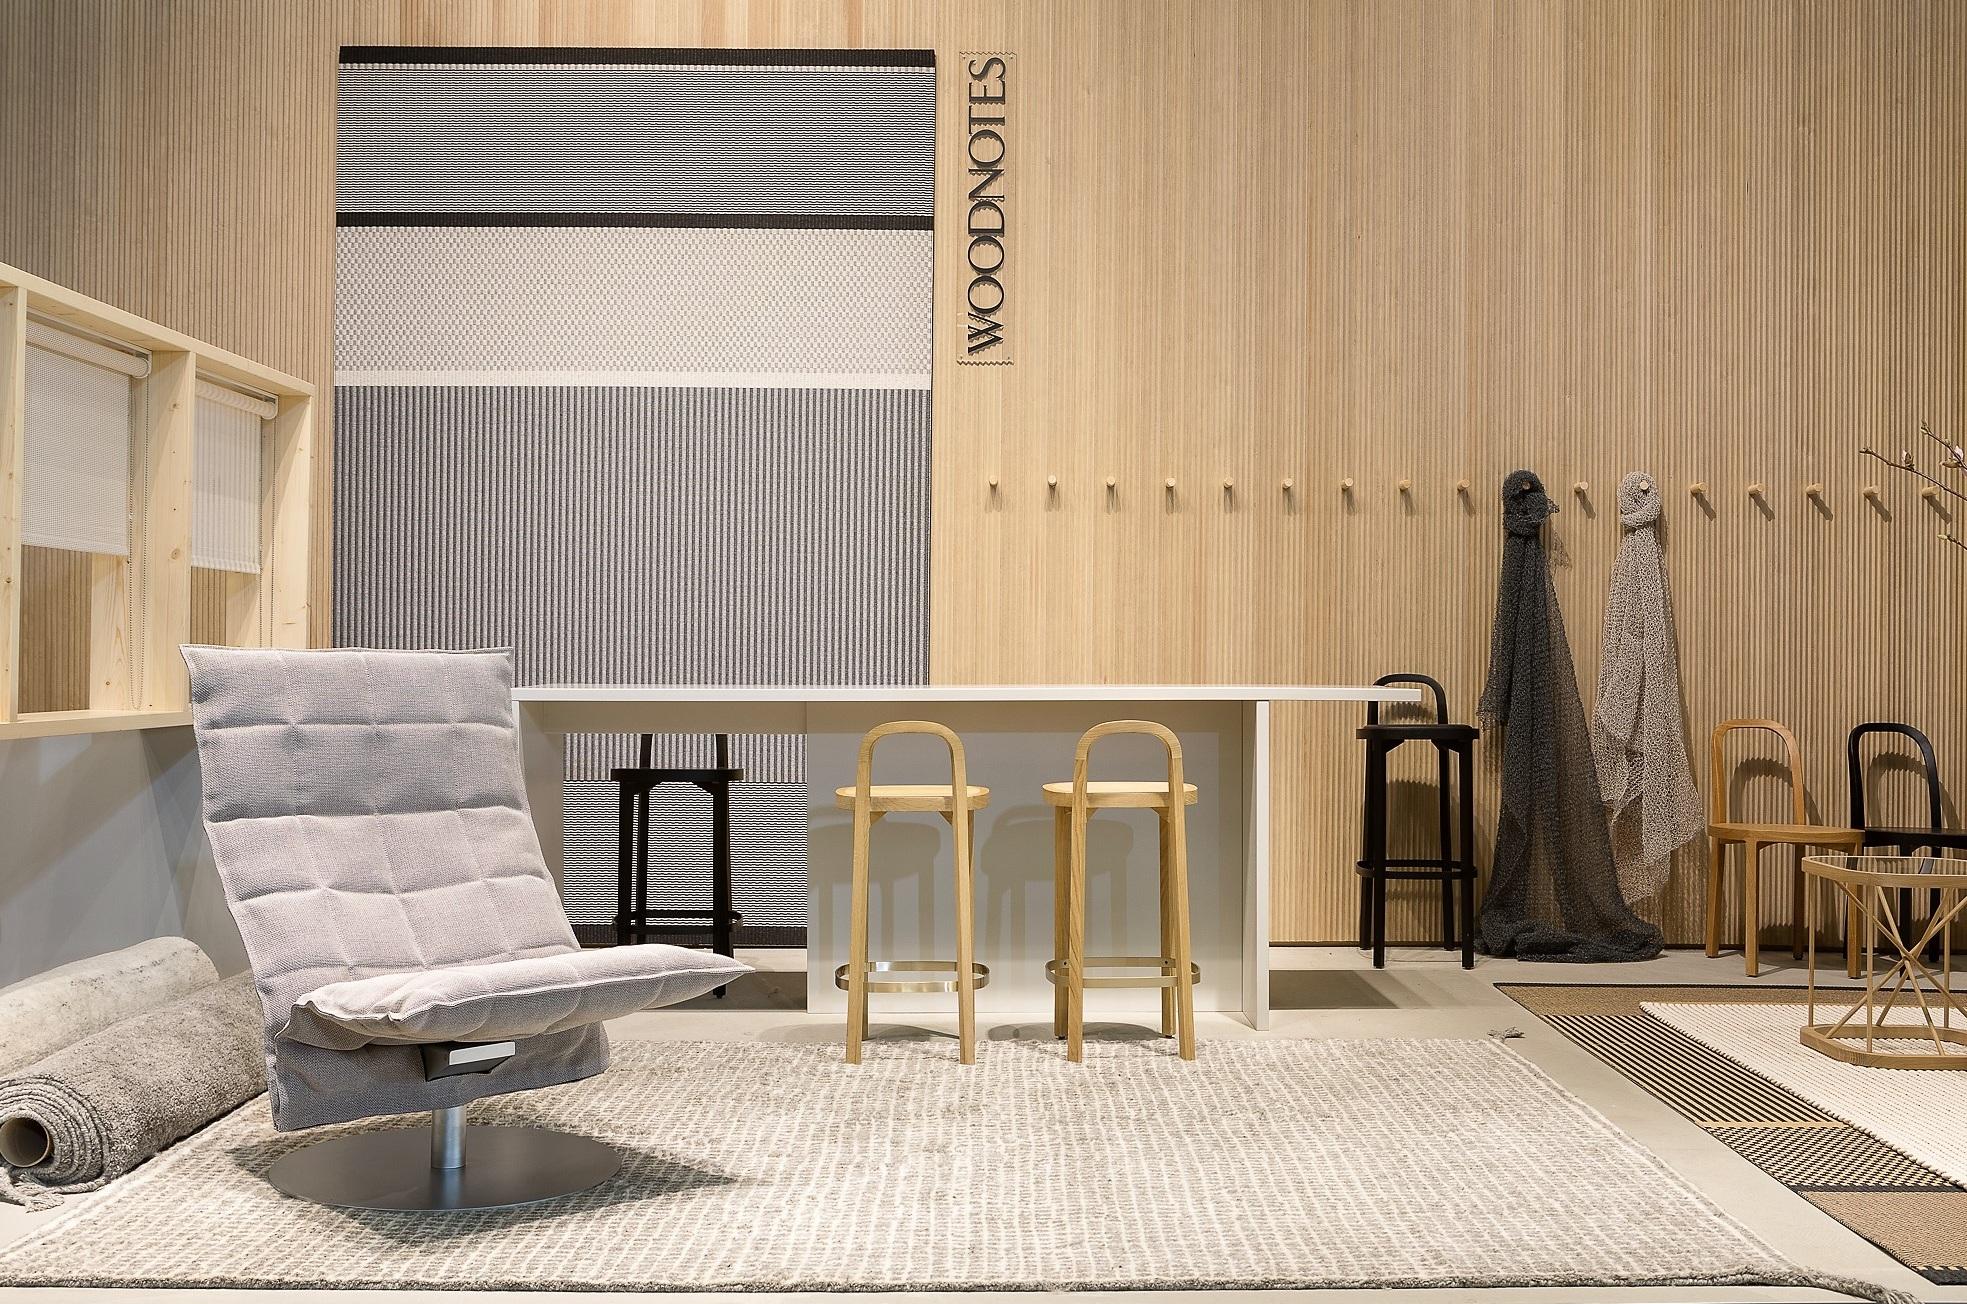 We presented our new hand knotted wool carpets, Grid and Uni. Narrow Swivel  k lounge chair  on the left is already our classic and design by Harri Koskinen. / Esittelimme käsin solmitut villamatto uutuudet, Grid ja Uni. Kapea pyörivä k tuoli vasemmalla on jo yksi klassikoistamme ja sen on suunnitellut meille Harri Koskinen.